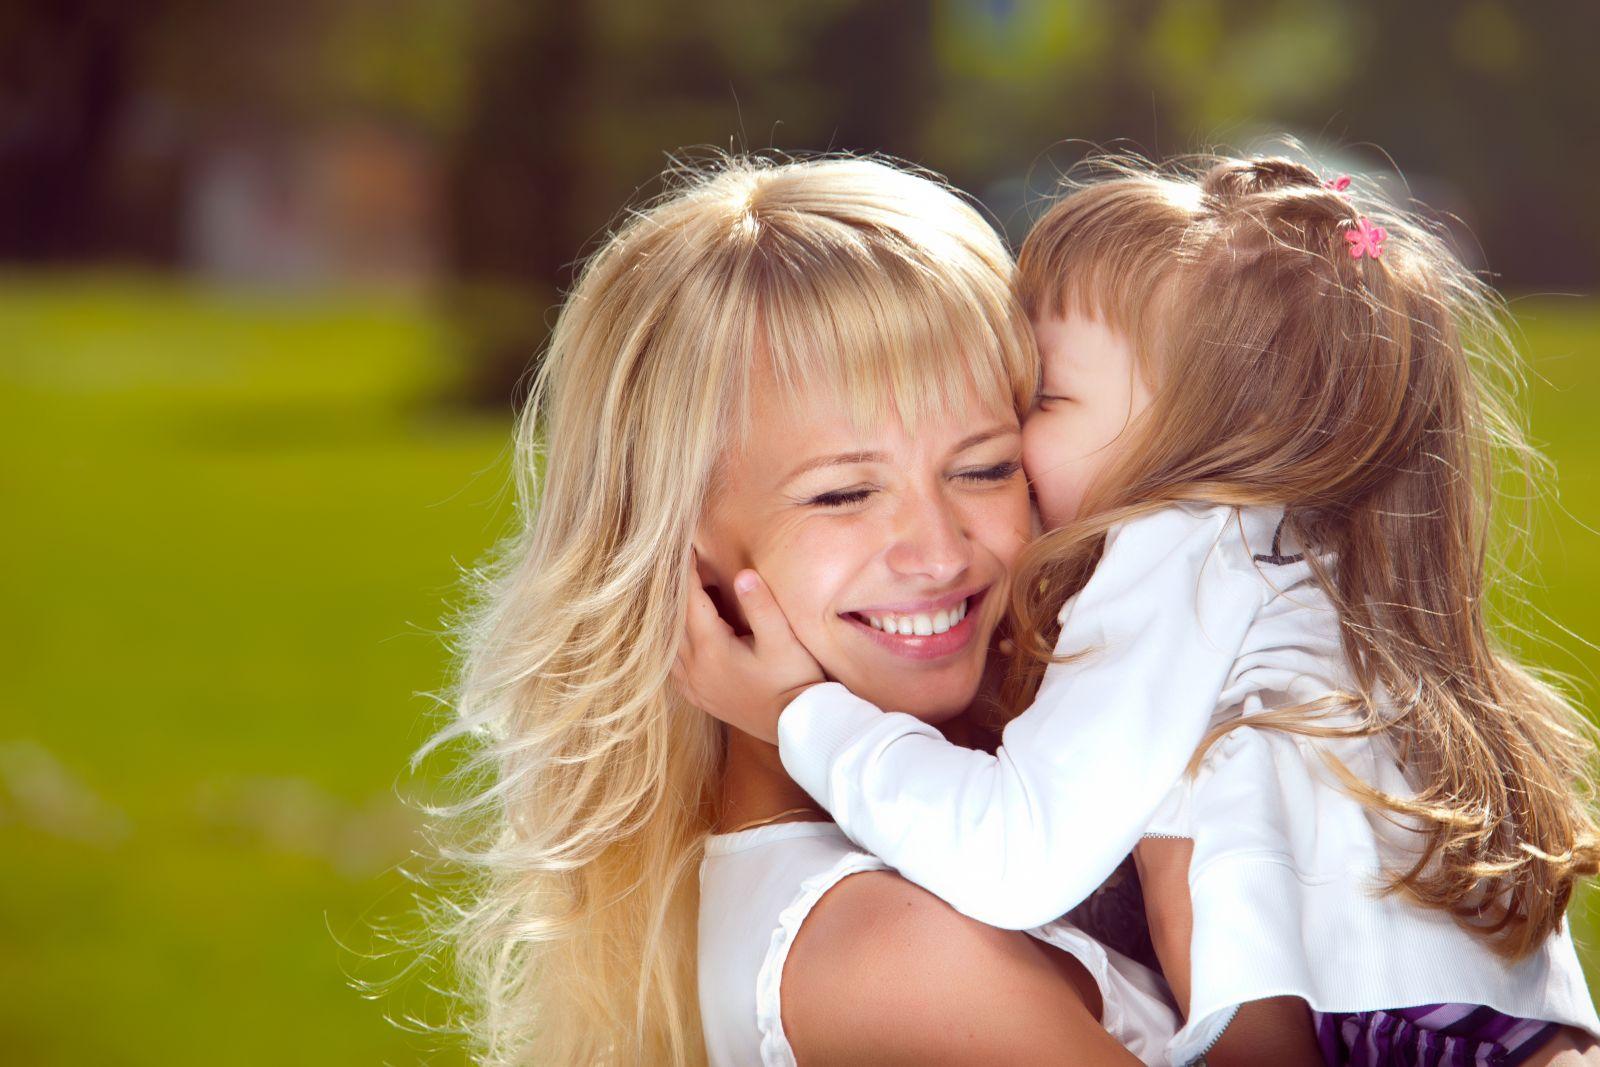 Смотреть онлайн родители дочку 11 фотография